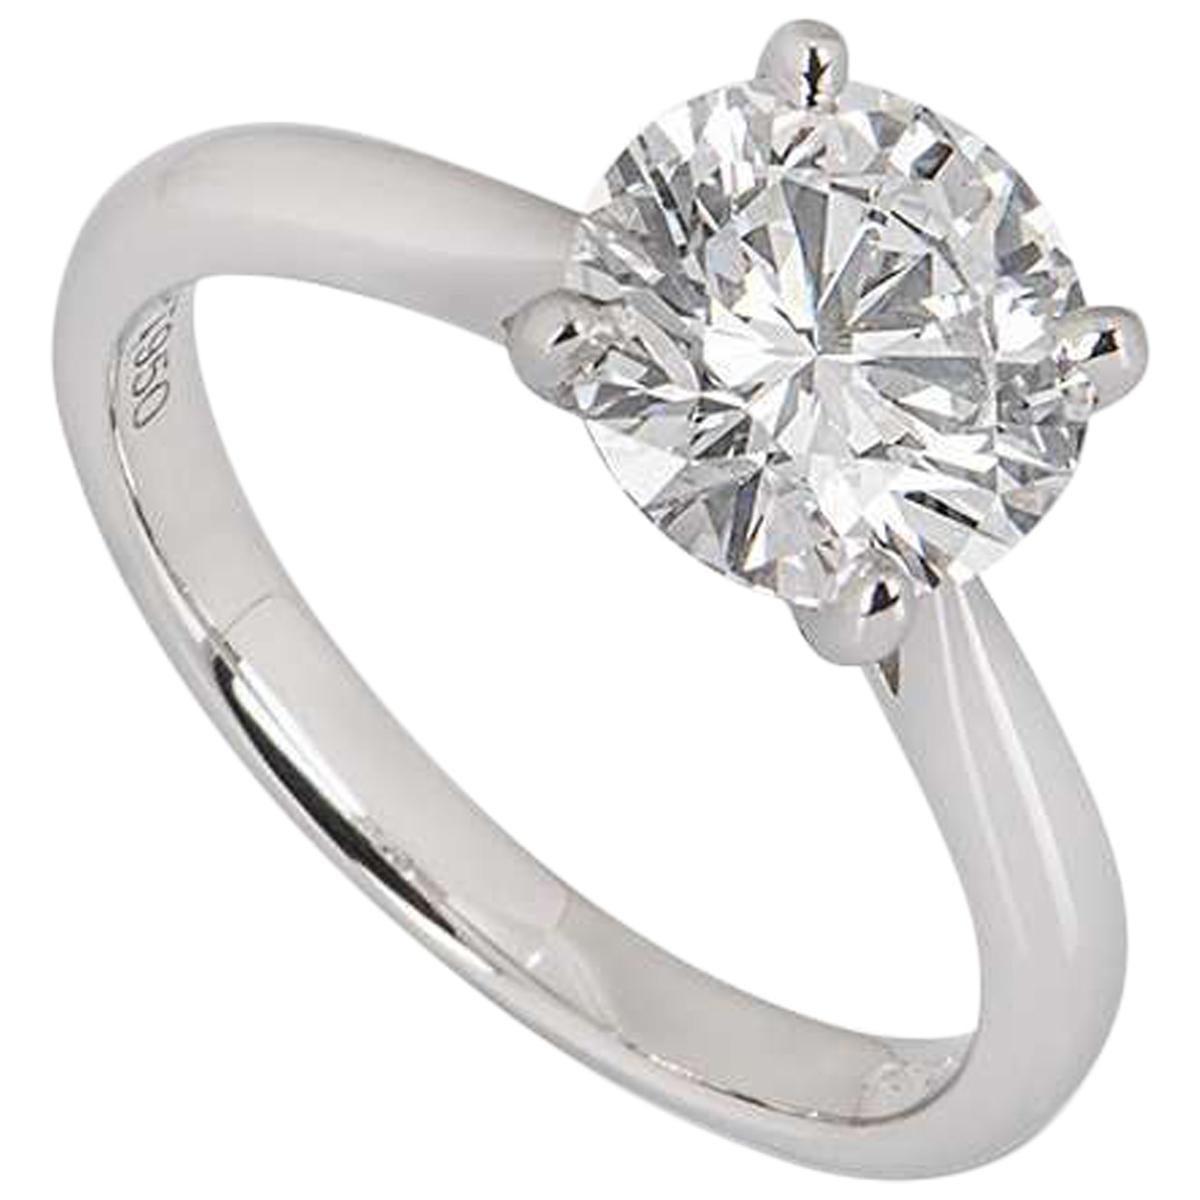 GIA Certified Platinum Round Brilliant Cut Diamond Ring 2.03 Carat E/VS2